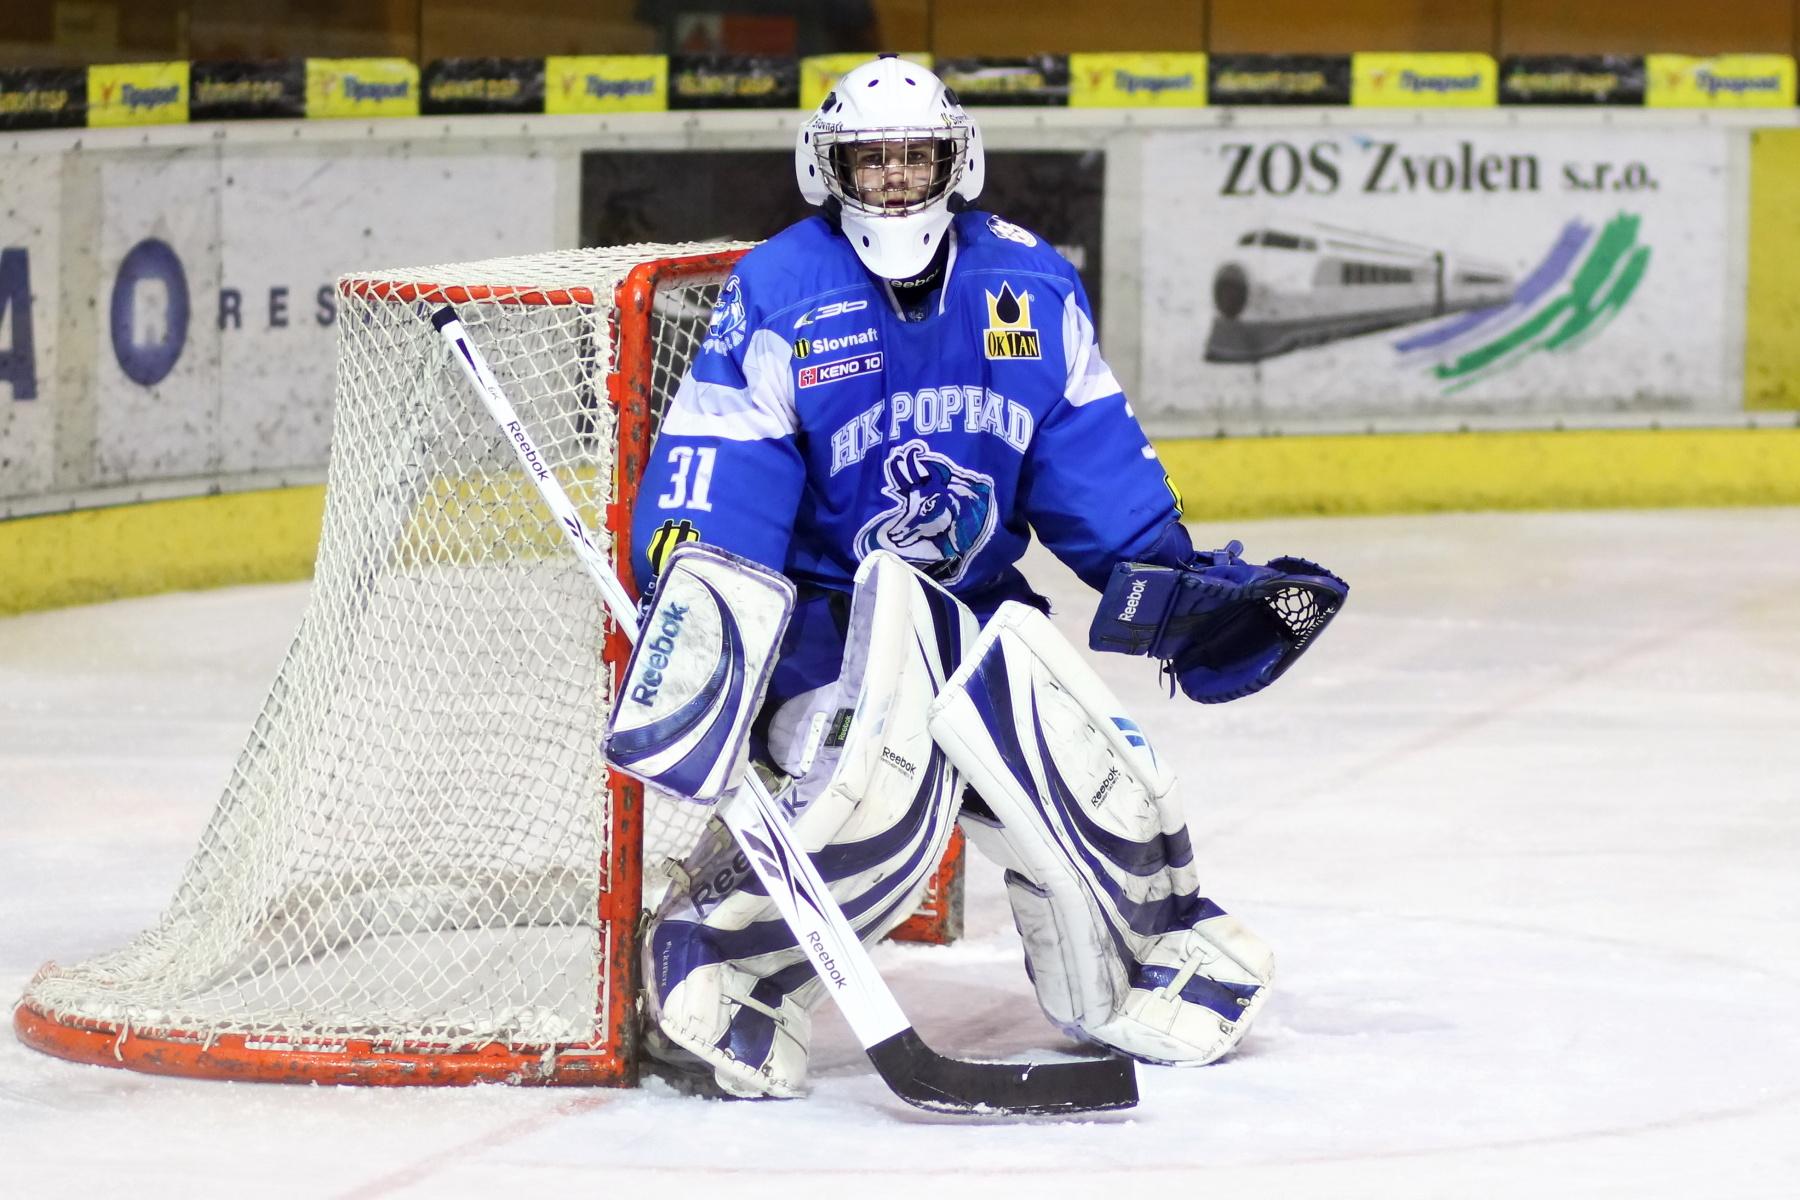 zvolen-poprad-hokej-juniori-13